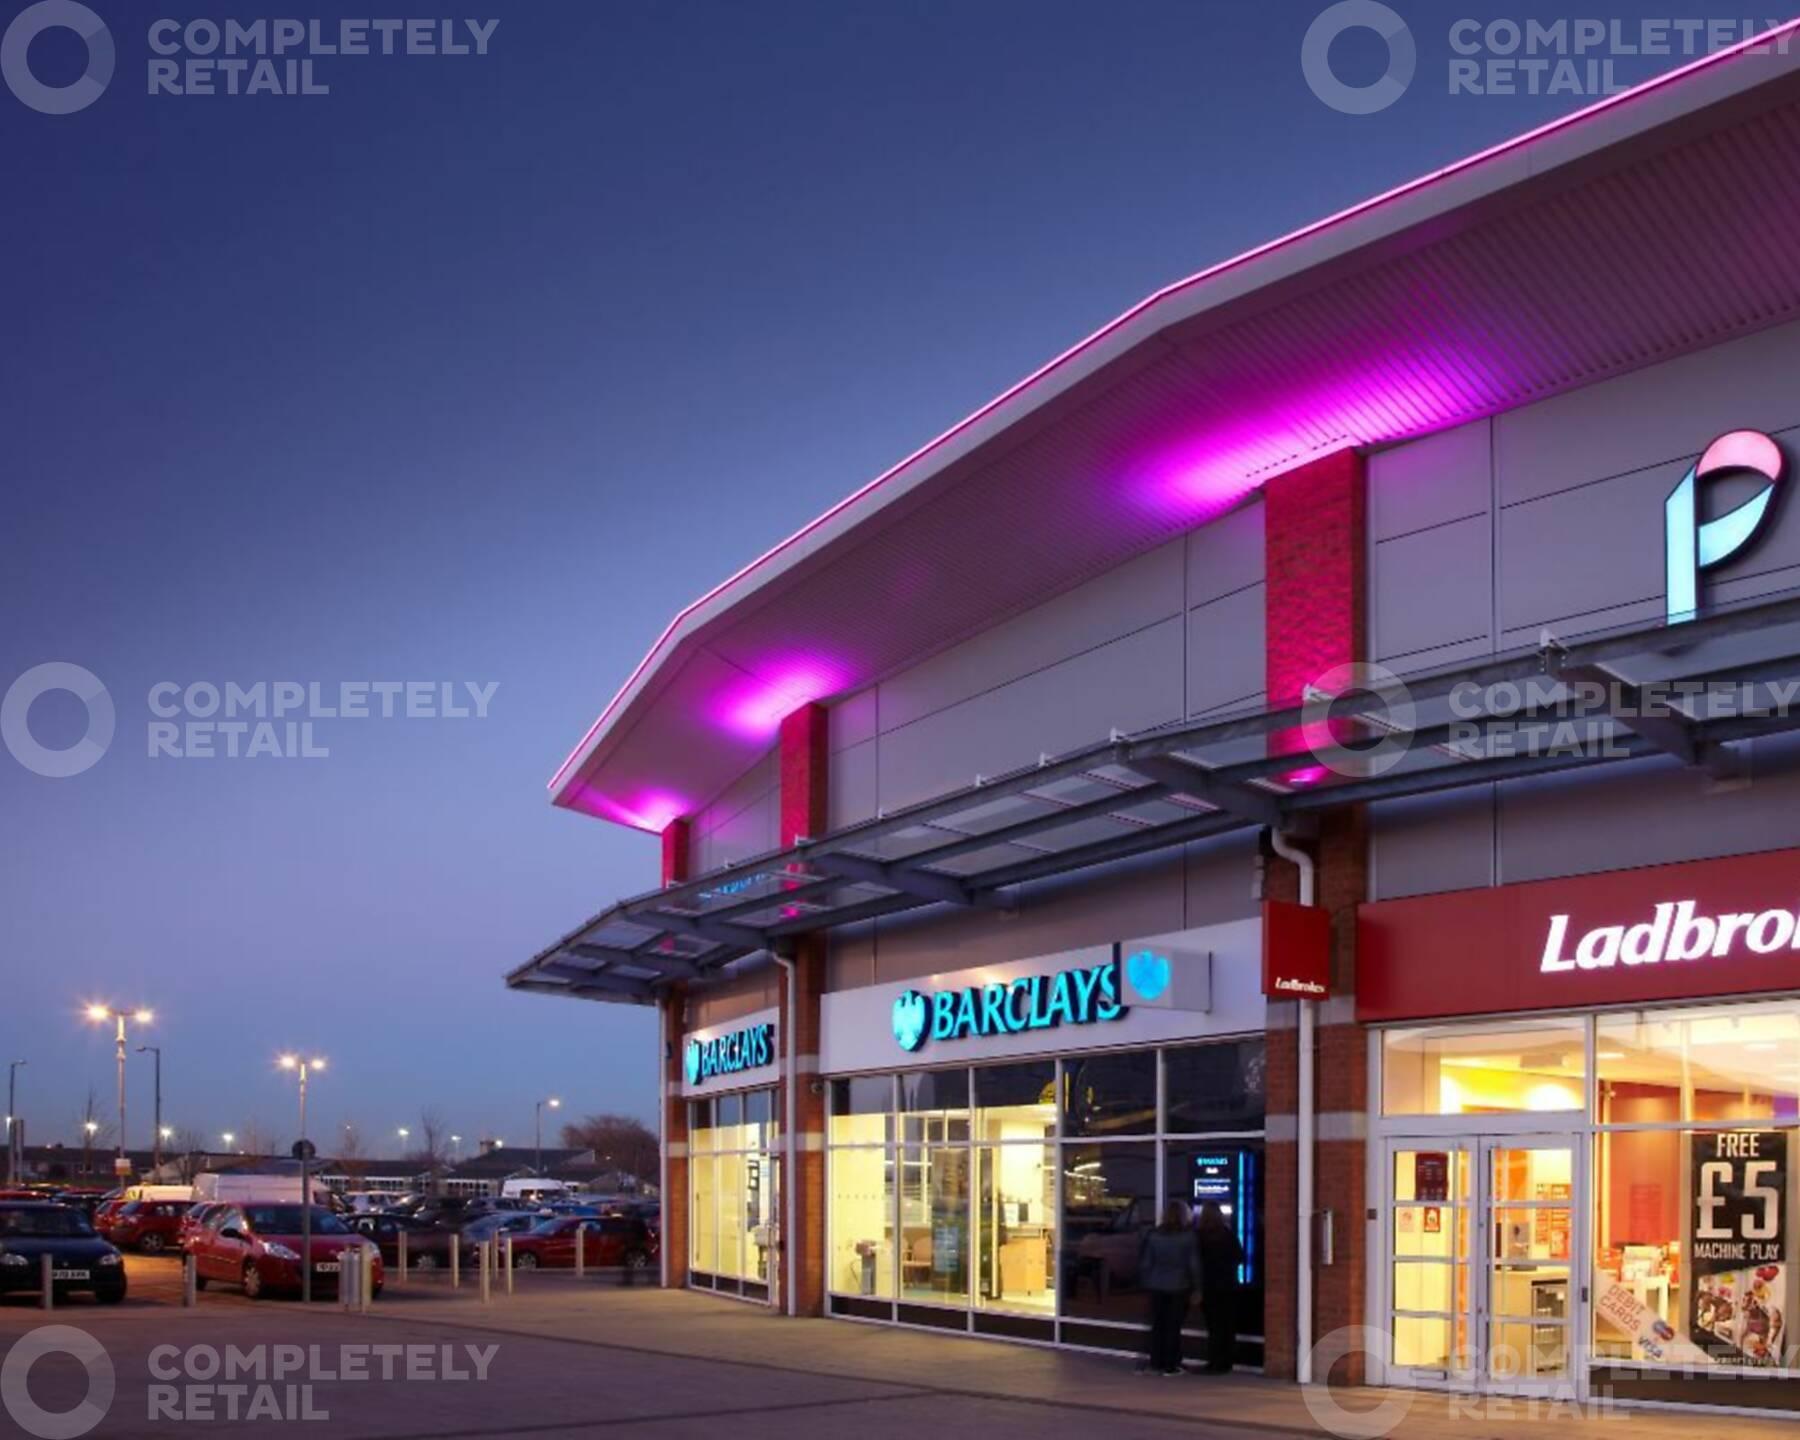 Pavilion Shopping Centre